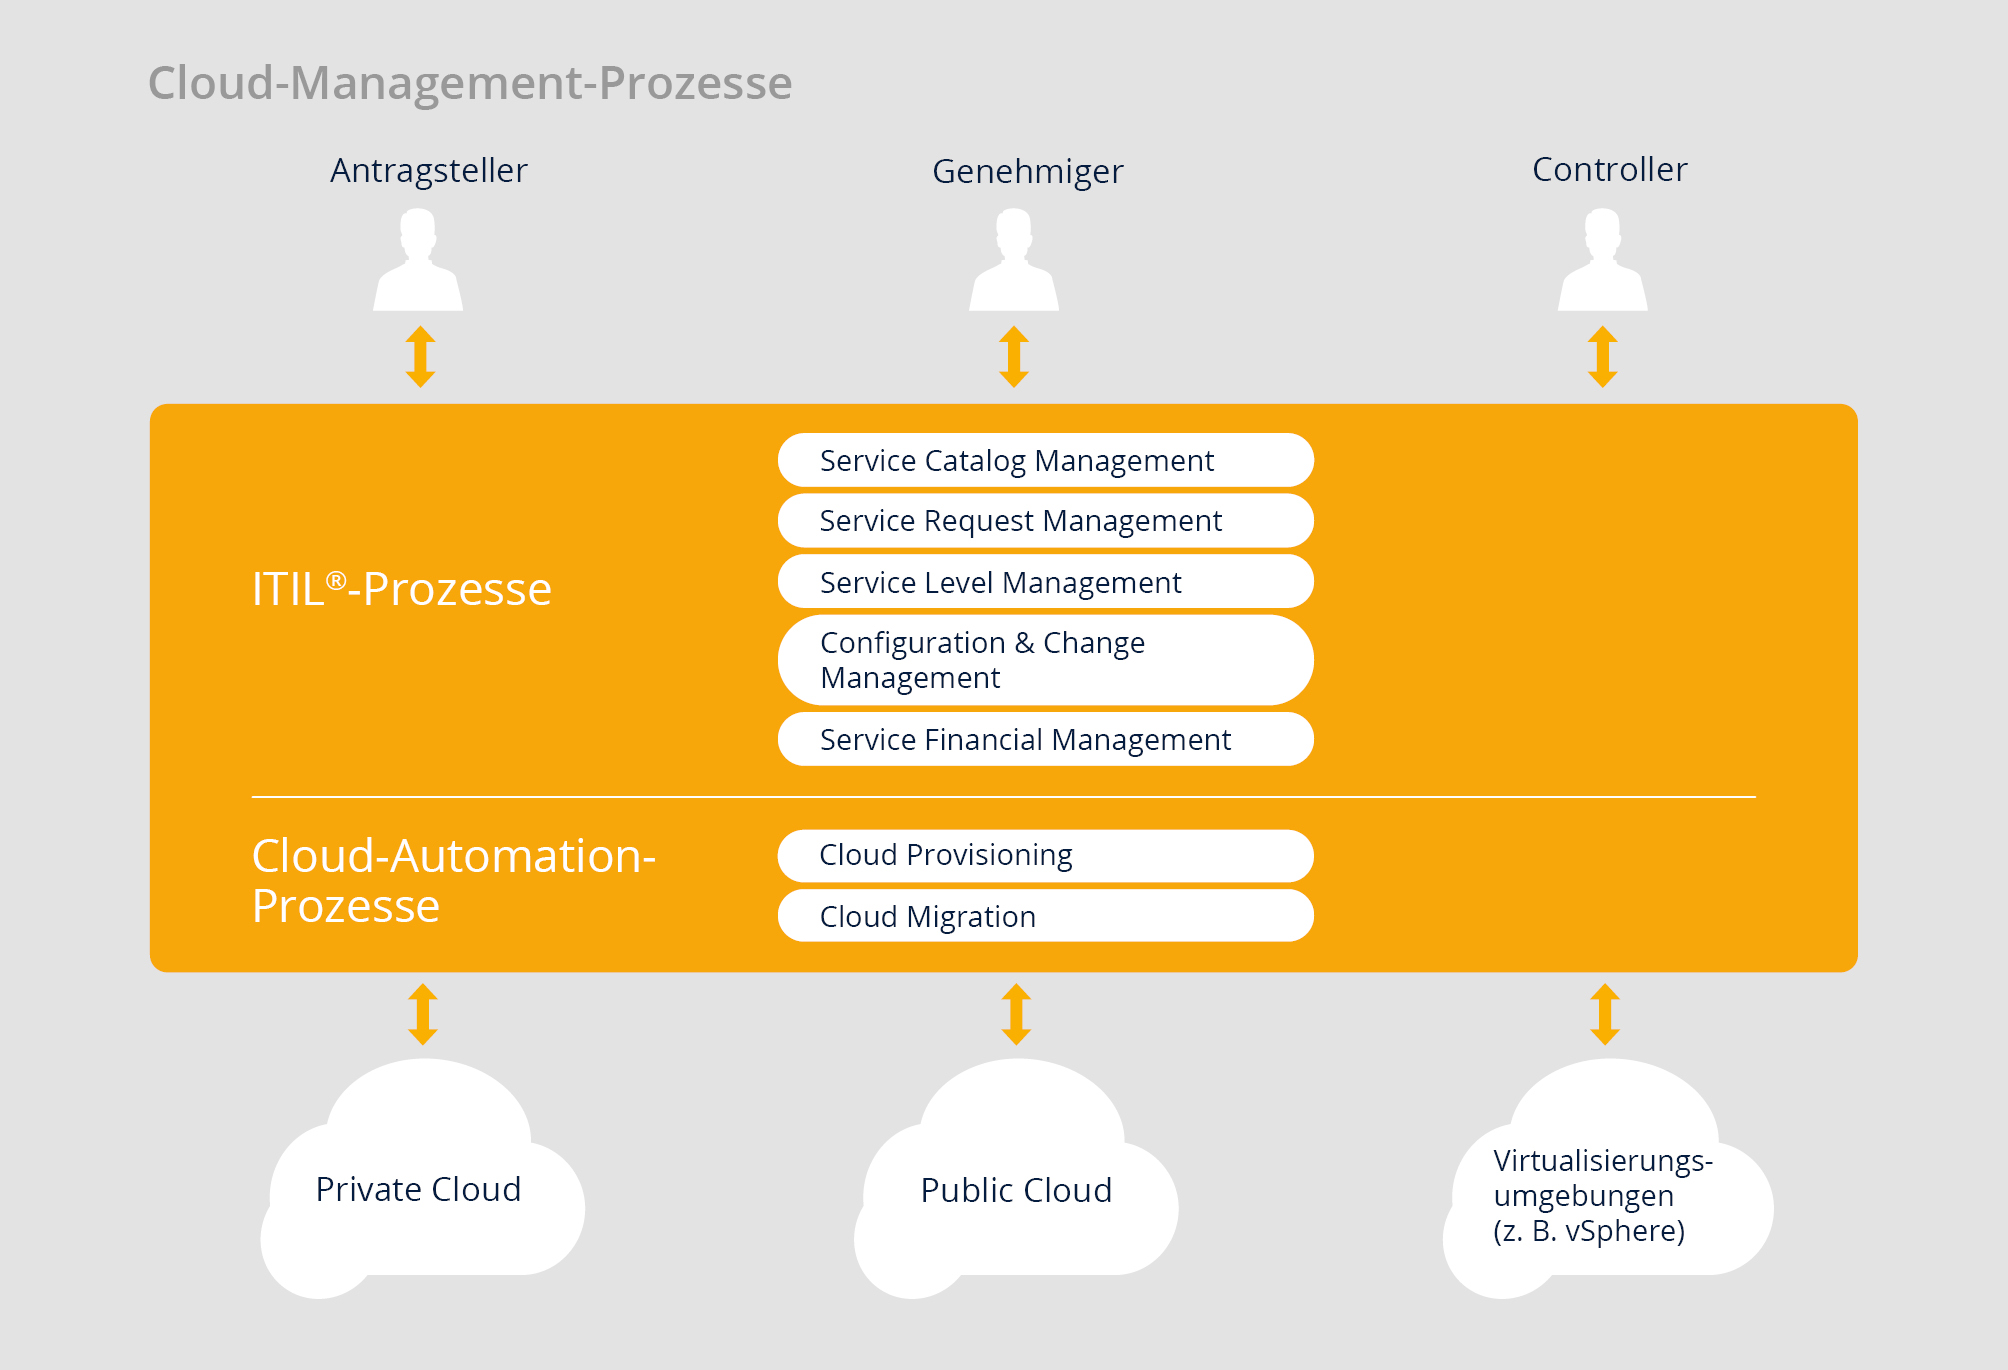 Cloud Management Prozesse